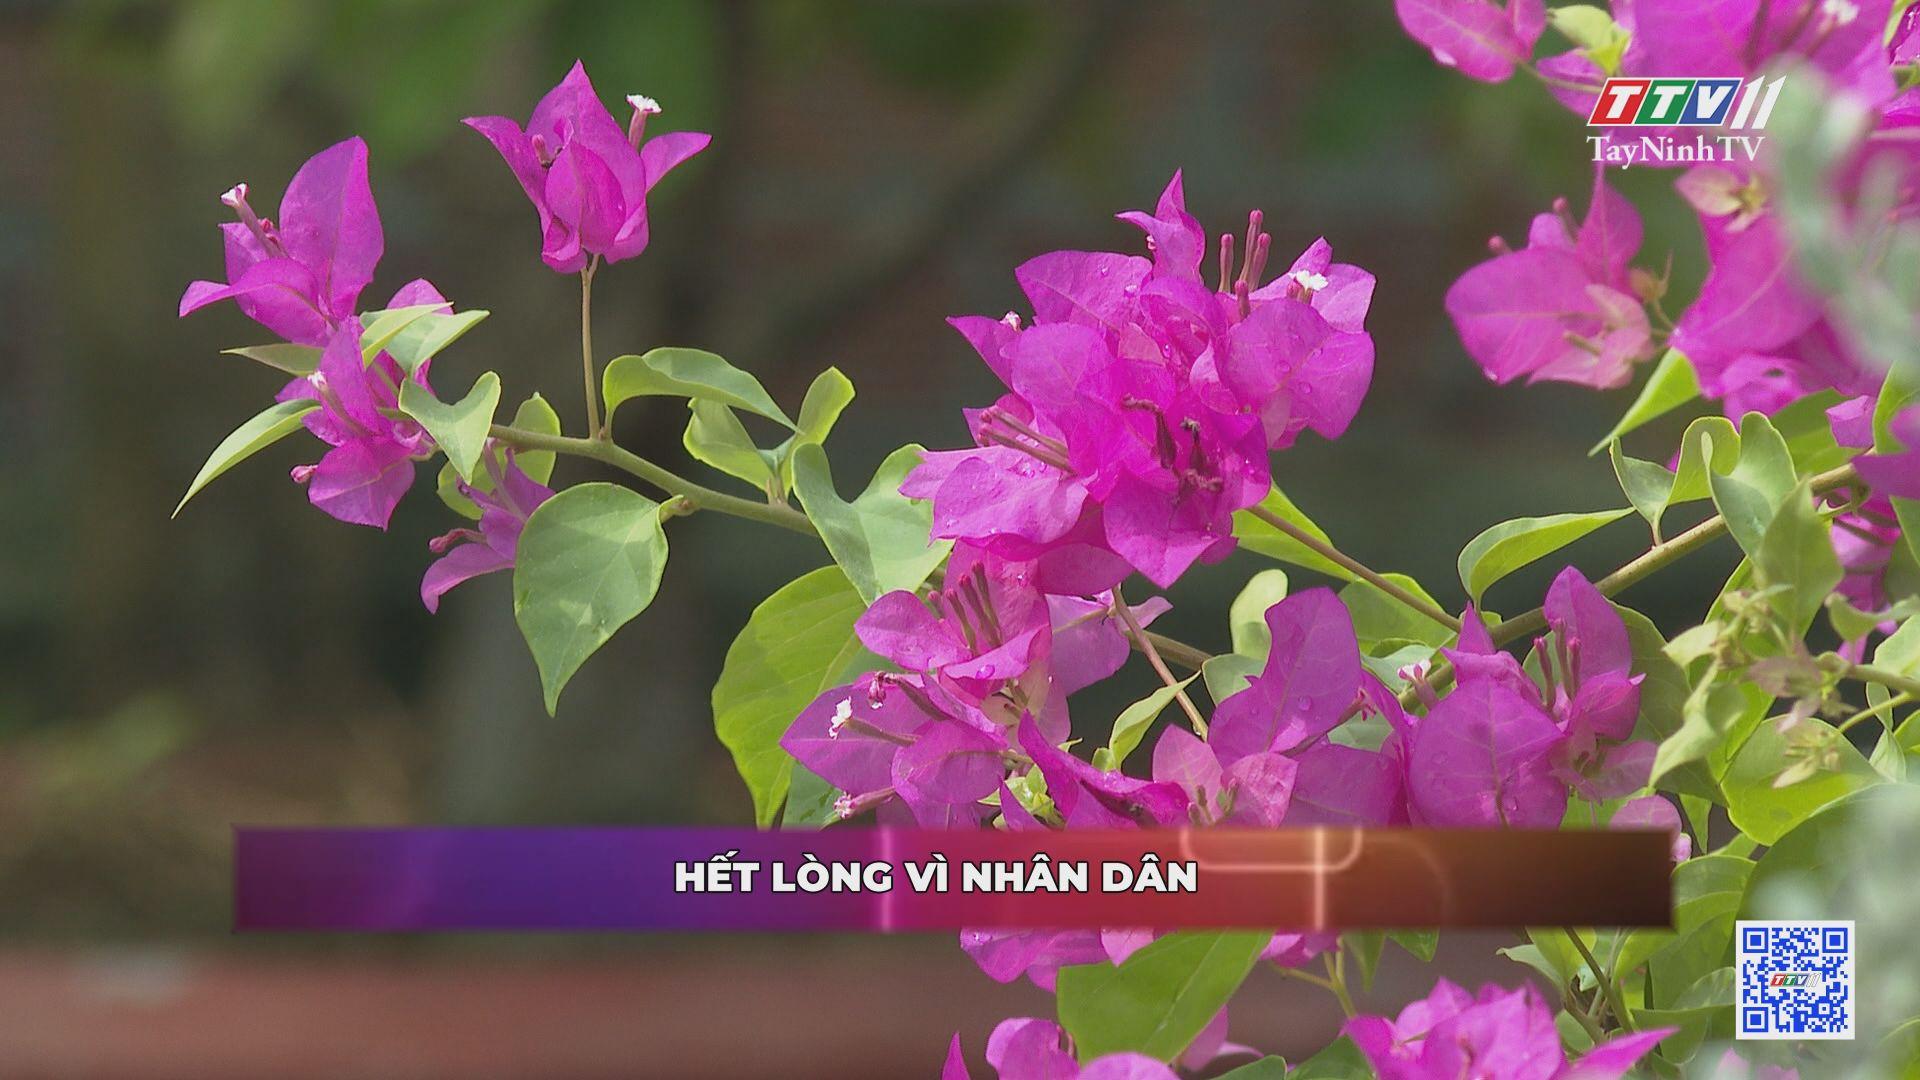 Hết lòng vì dân | ĐẠI ĐOÀN KẾT TOÀN DÂN | TayNinhTV